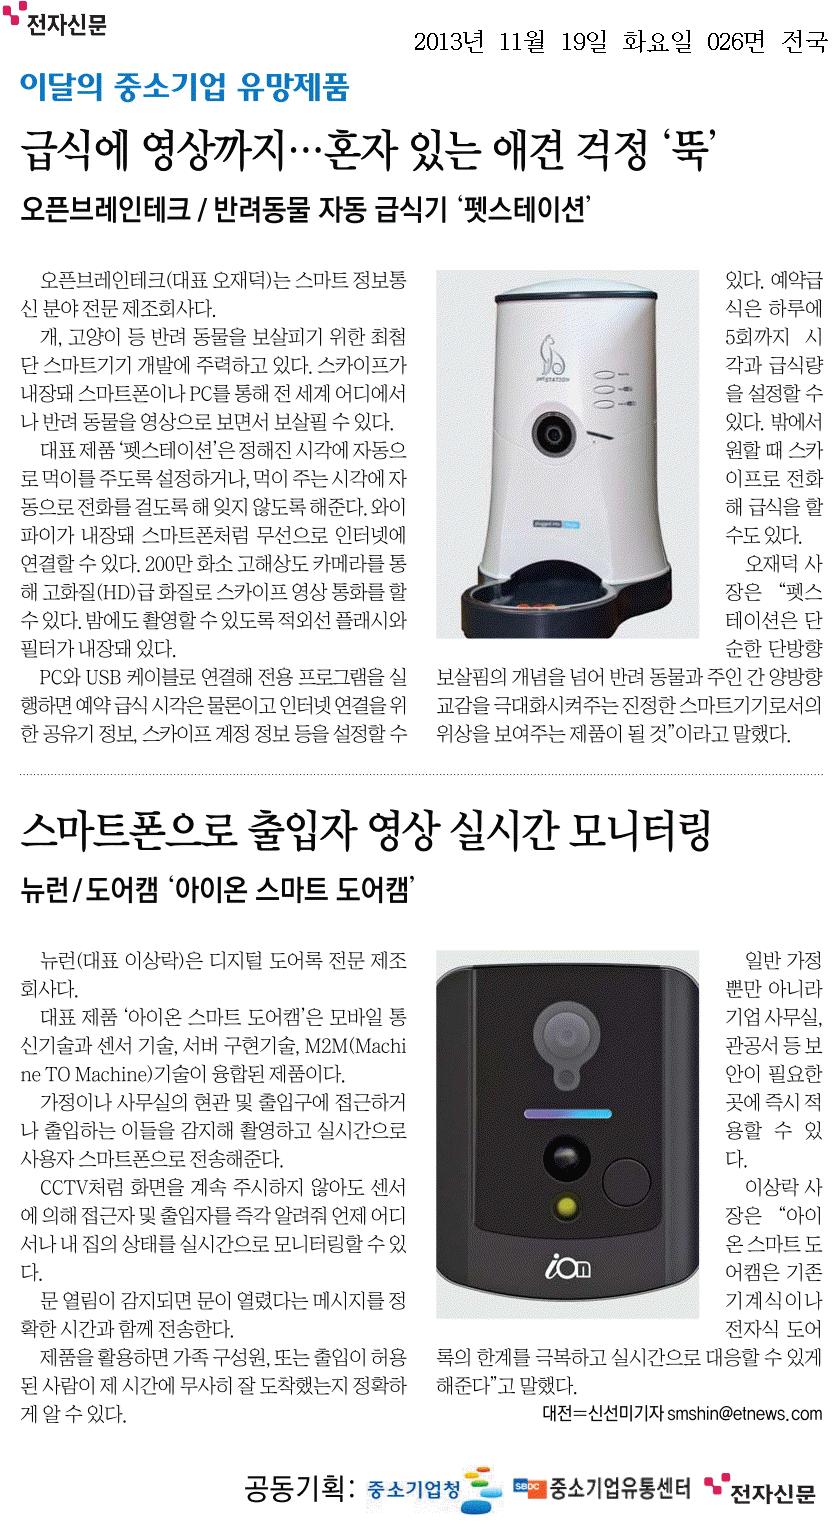 131119_전자신문(p26).png